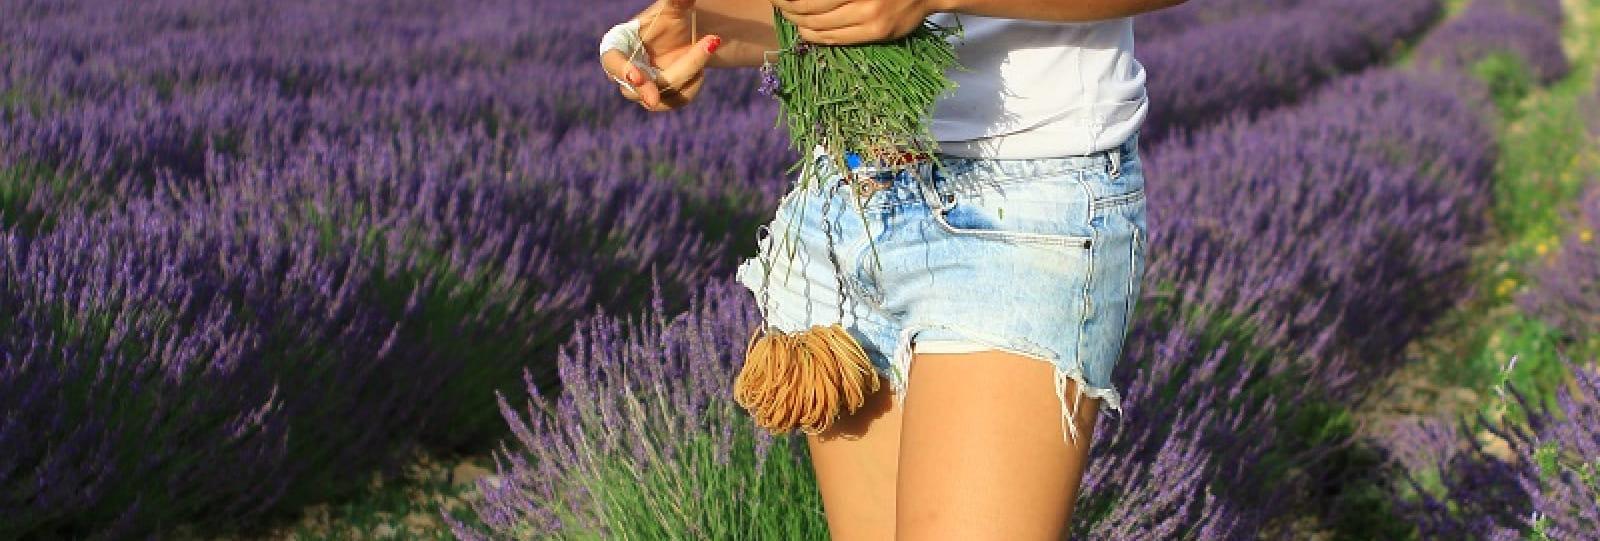 Ho ! Bouquet de Lavande, visit by a lavender farmer